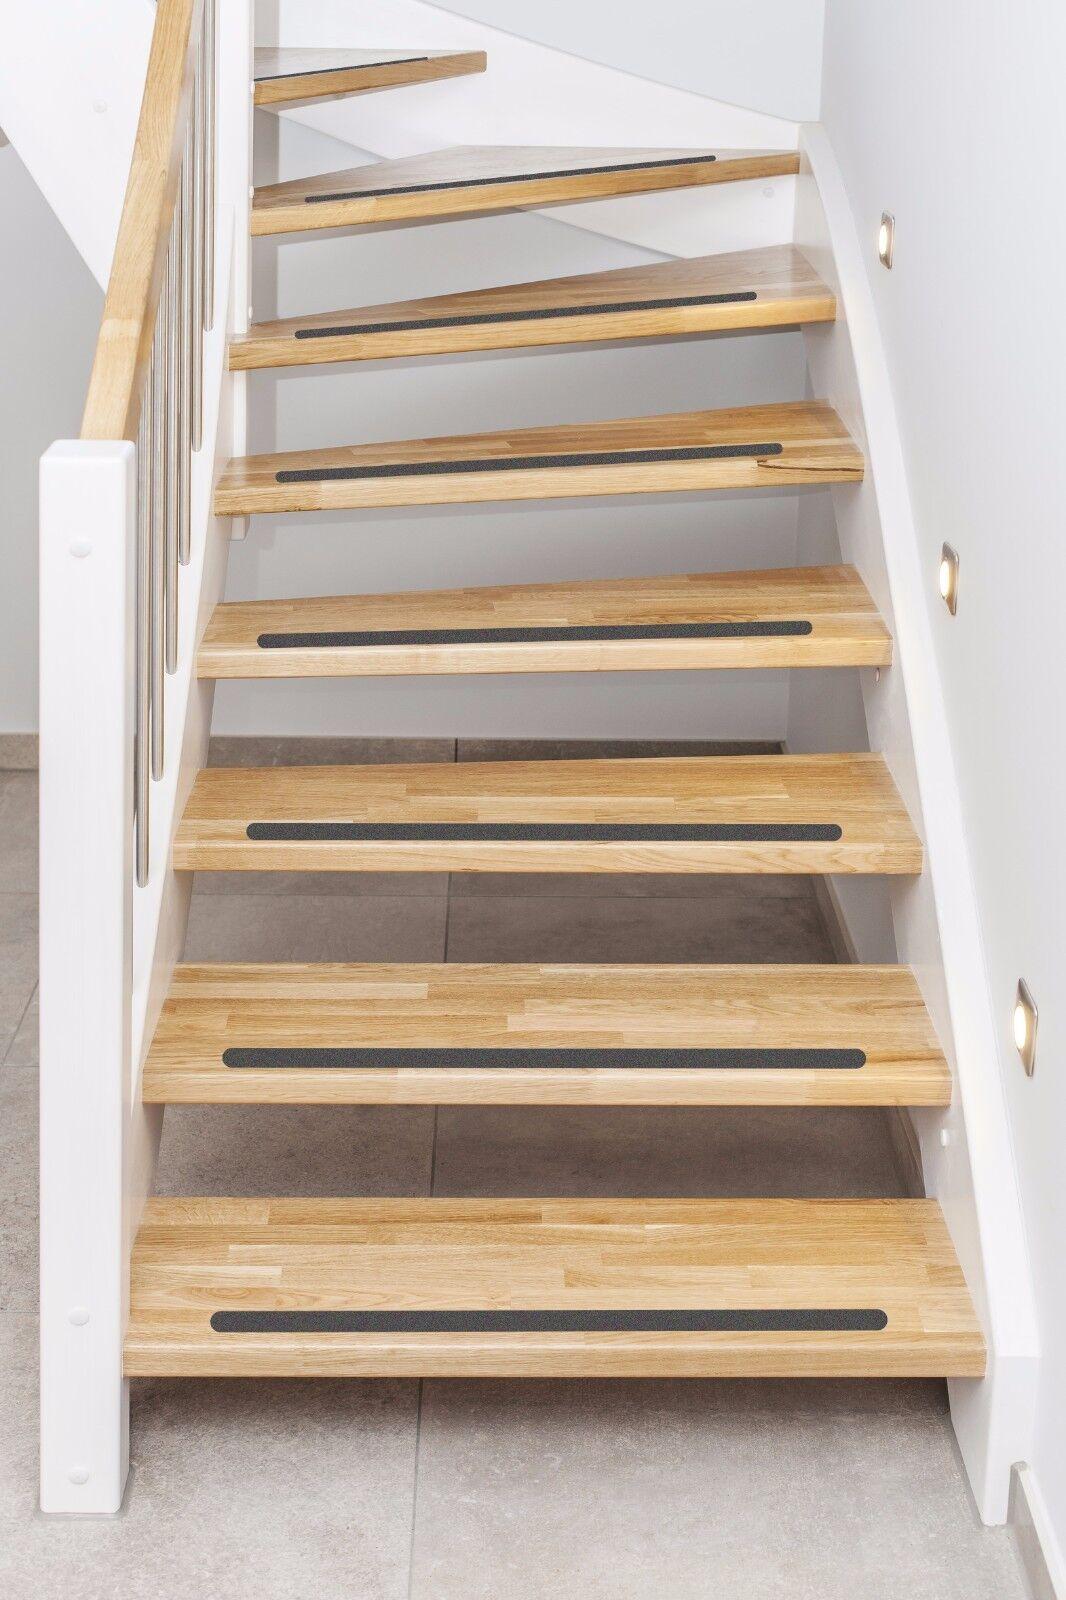 5 cm holz treppen anti rutsch streifen gummiert anthrazit schwarz verschiedene kaufen bei. Black Bedroom Furniture Sets. Home Design Ideas